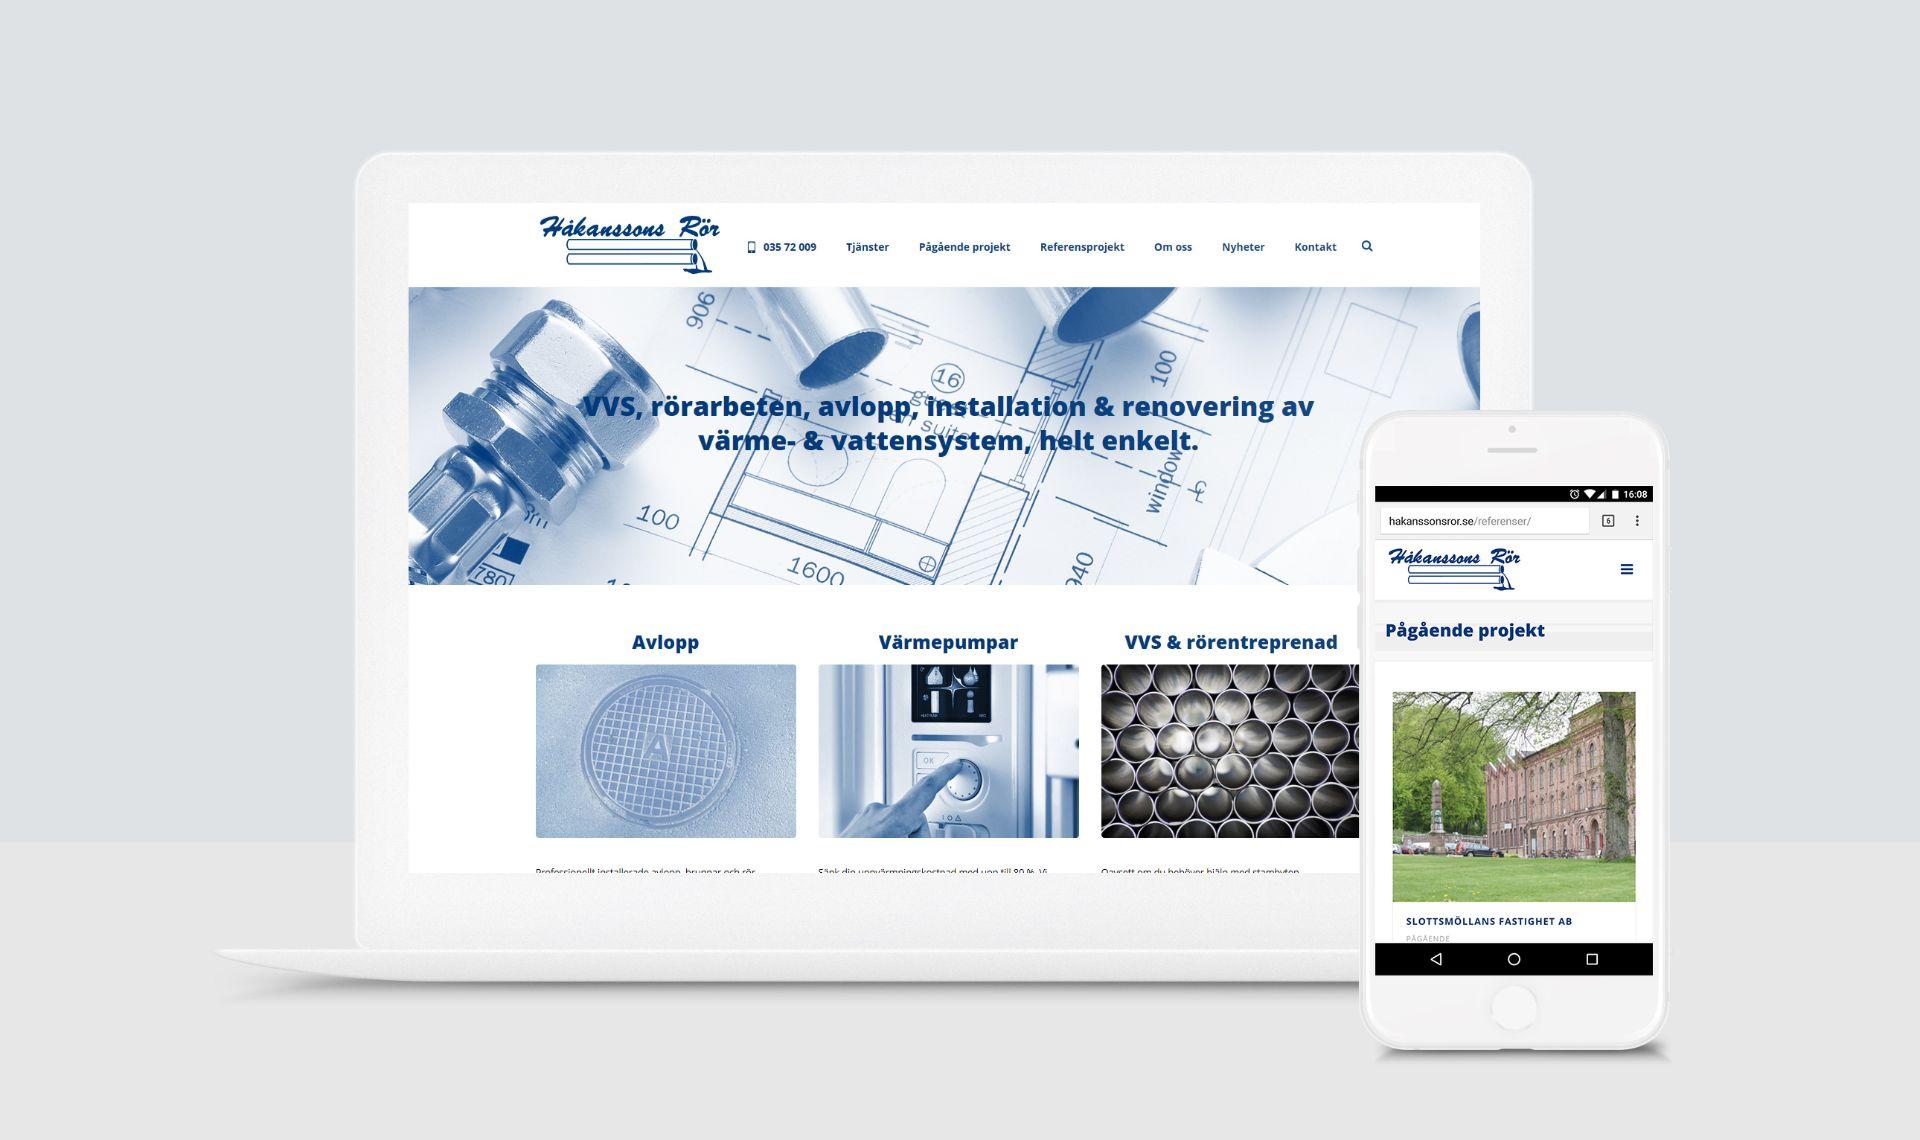 Webbsida för Håkanssons rör